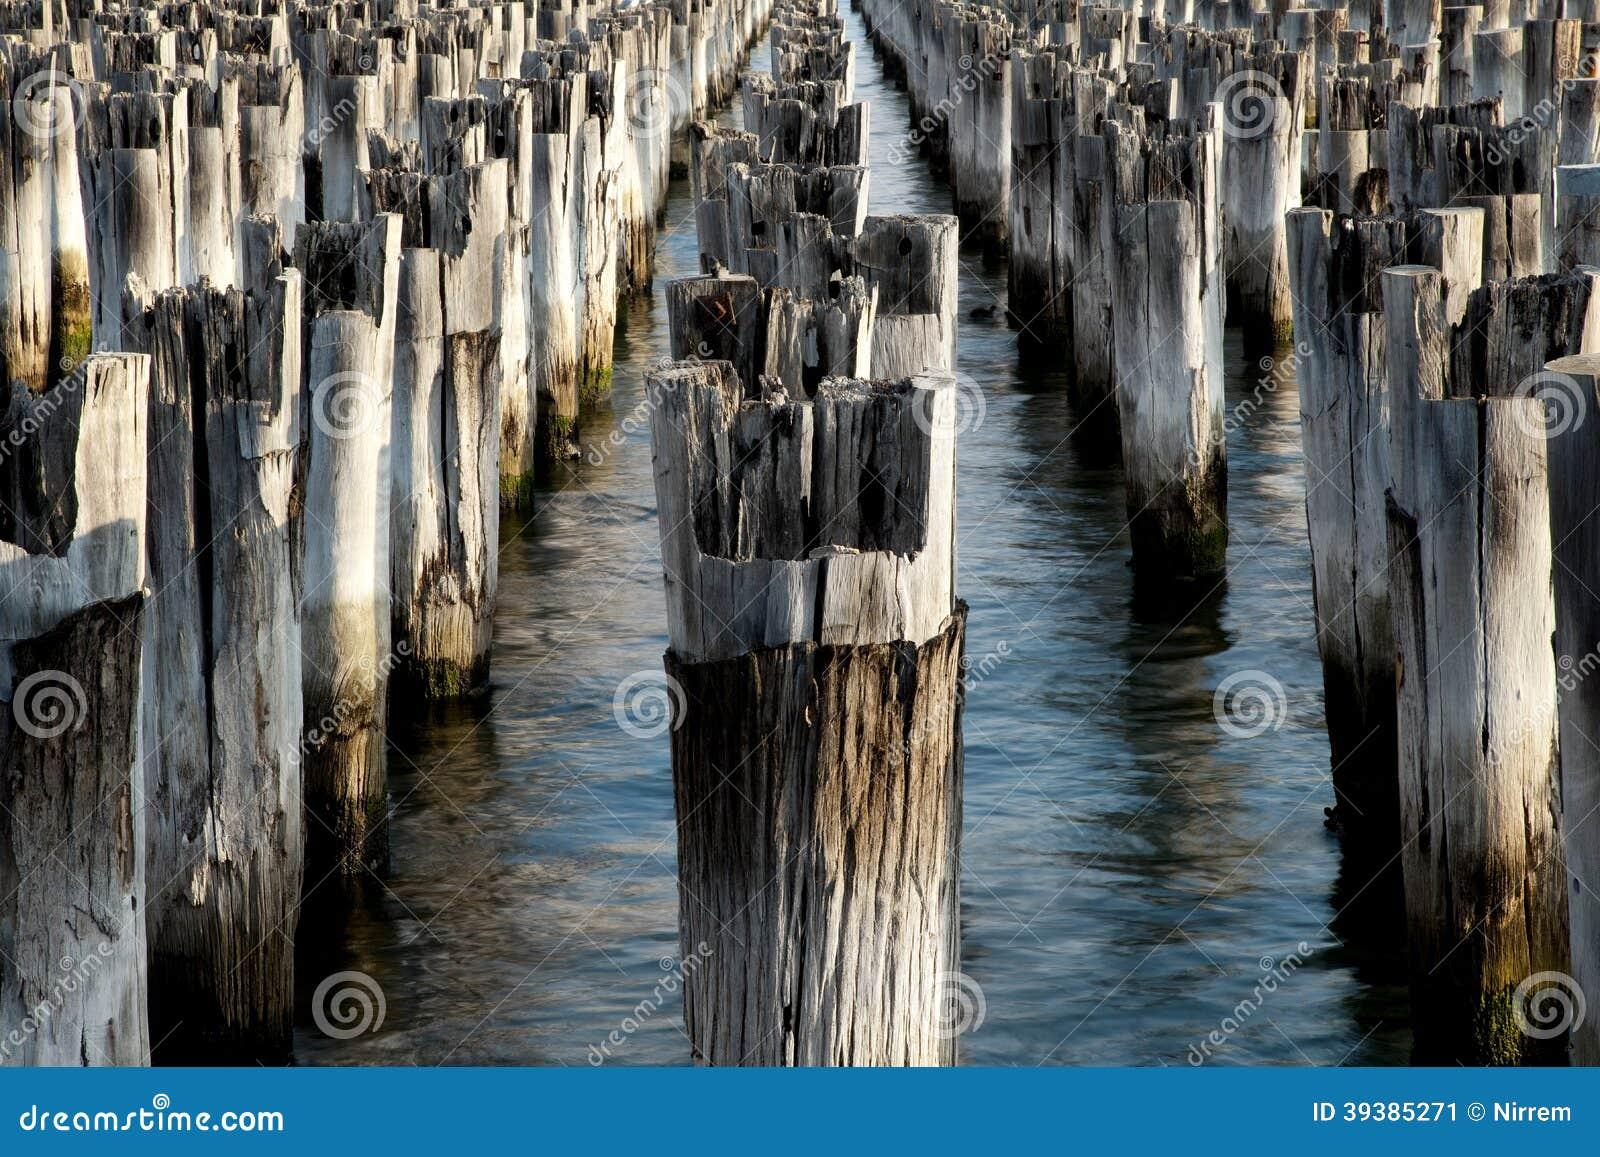 Abandoned Stock Photo Image 39385271